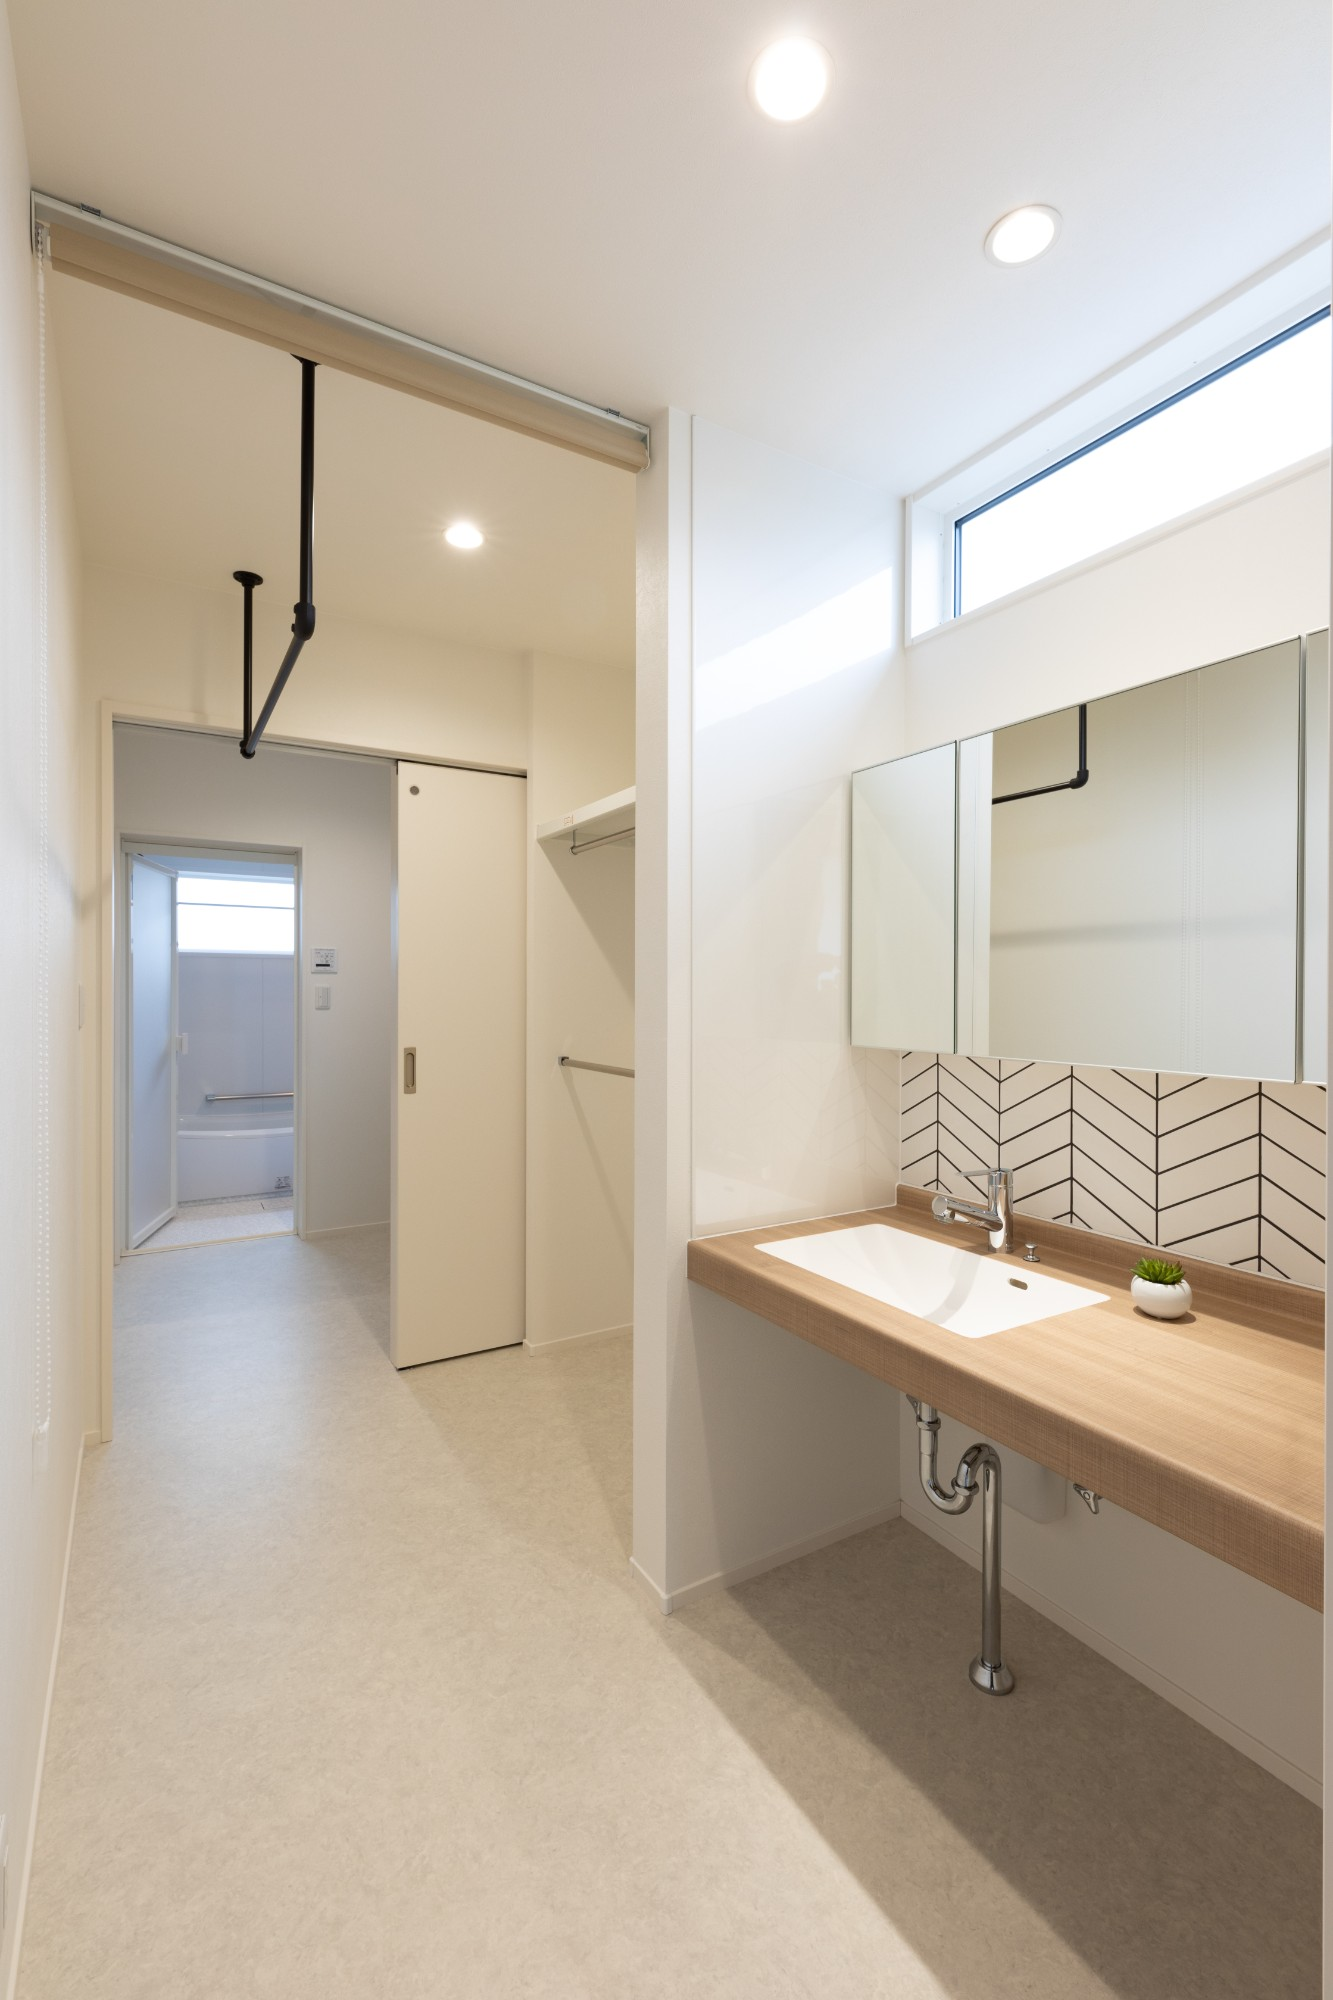 新潟材協 クオリティハウス「家事導線をデザインする」のモダンな洗面所・脱衣所の実例写真